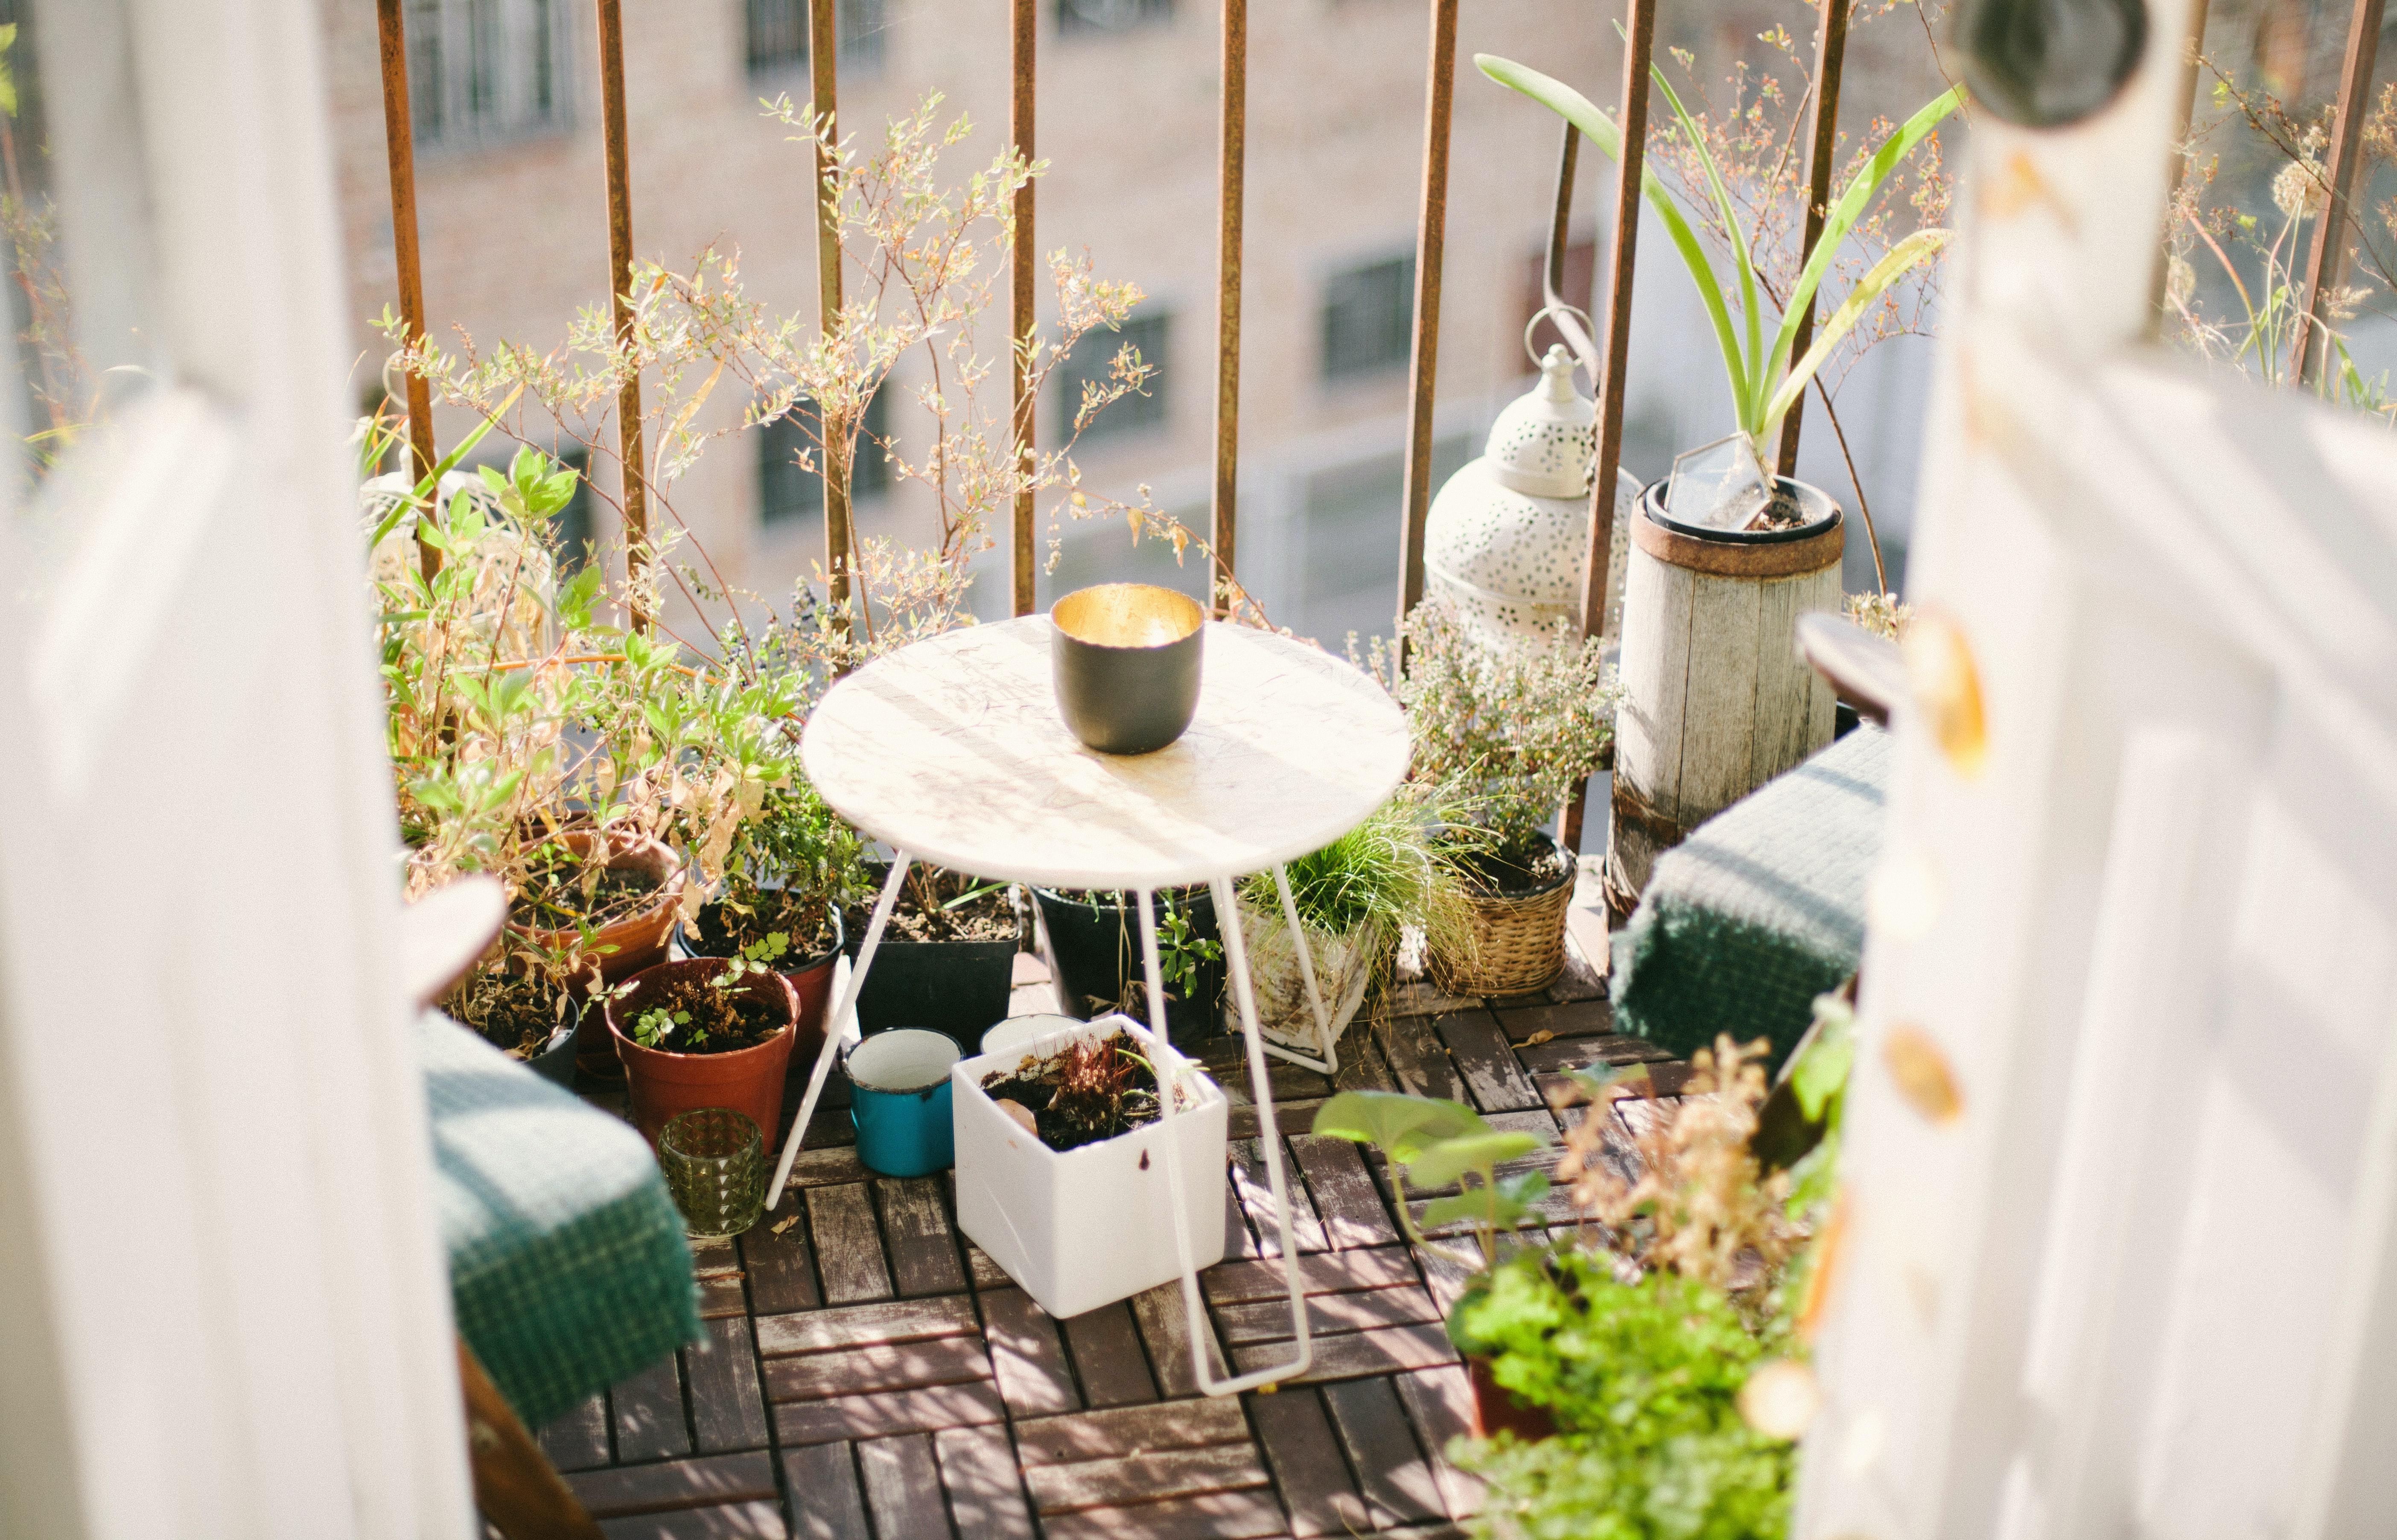 Zeit, den Balkon herzurichten – geh doch mal unter die Tischler!